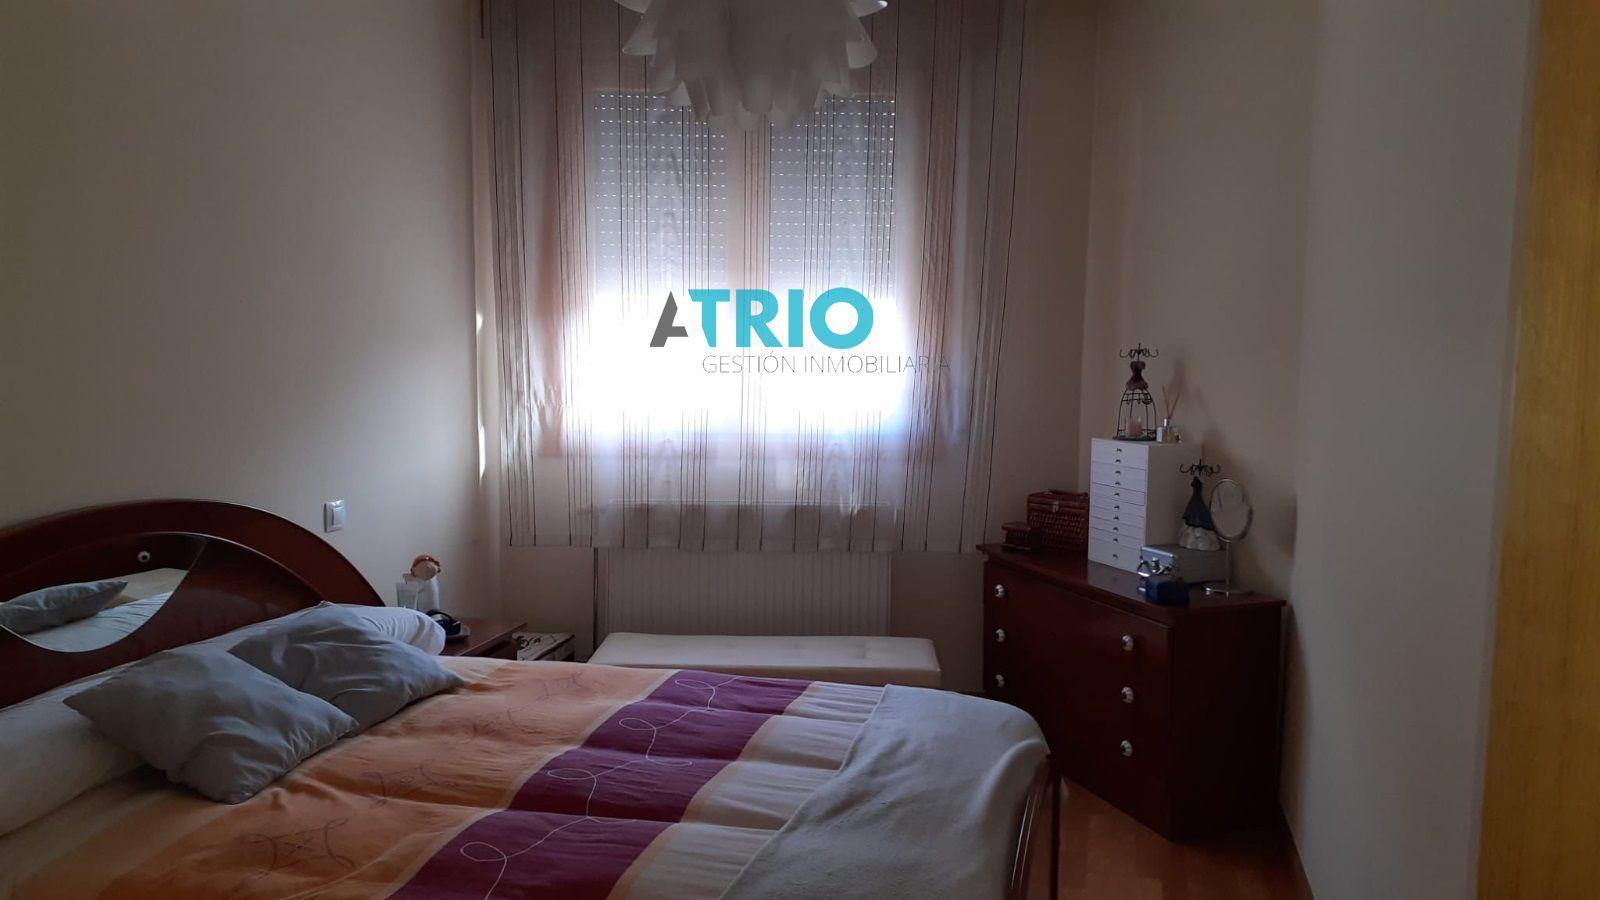 dia.mobiliagestion.es/Portals/inmoatrio/Images/7428/6445385